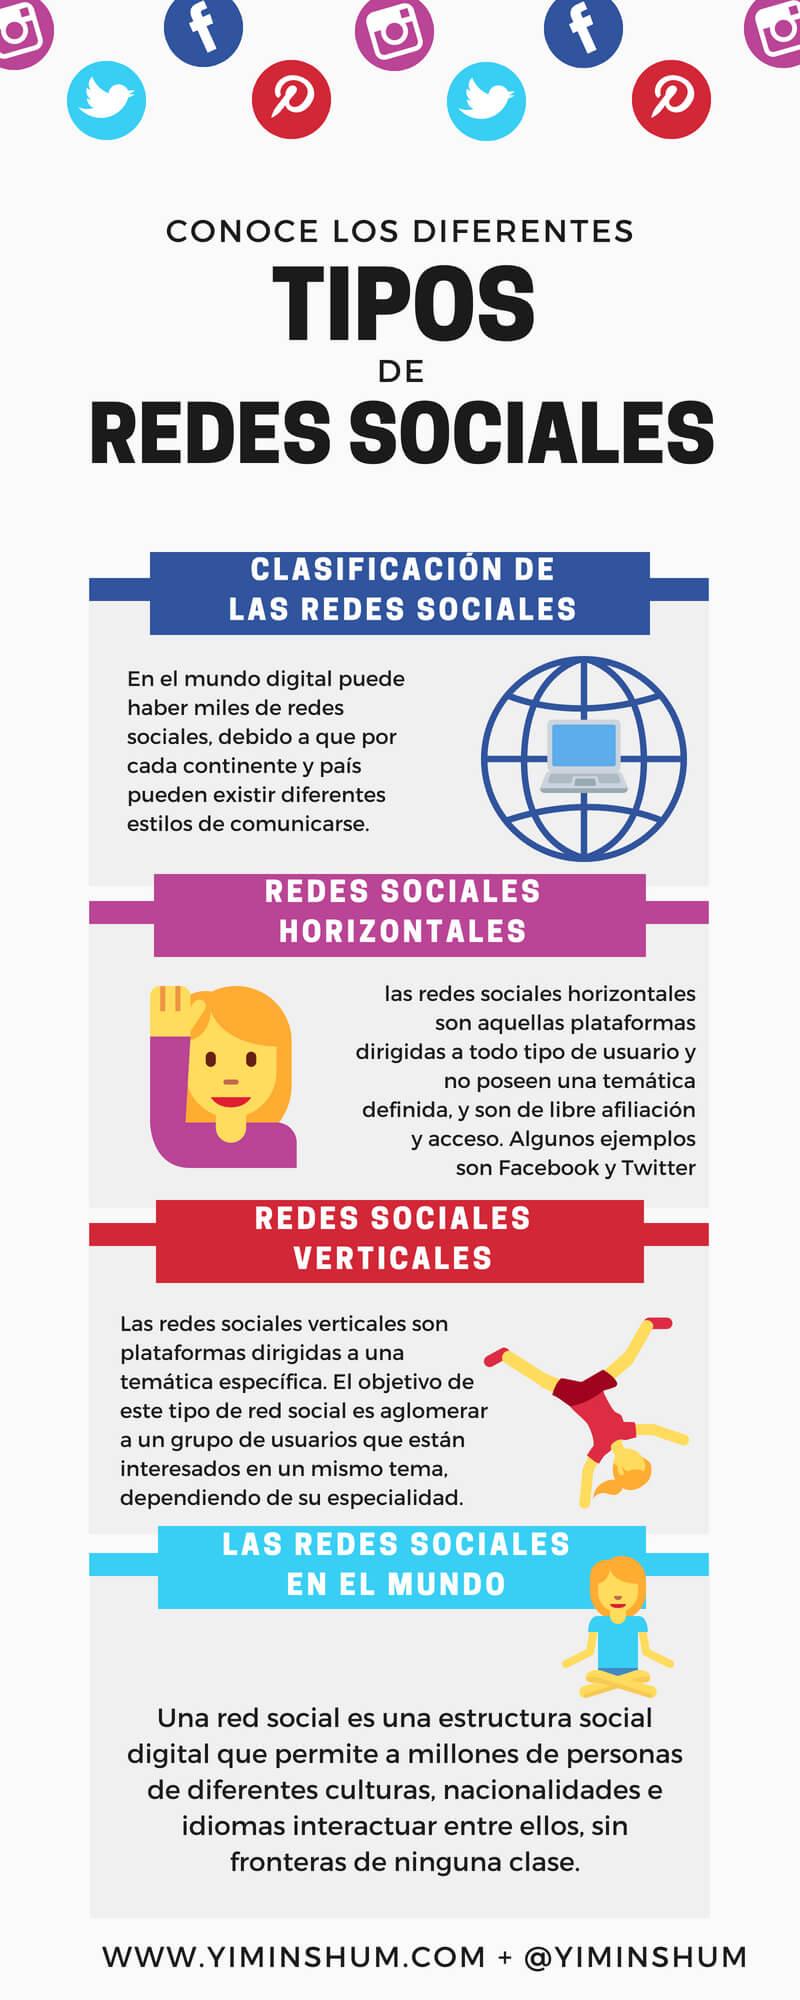 Conoce los diferentes tipos de redes sociales infografía